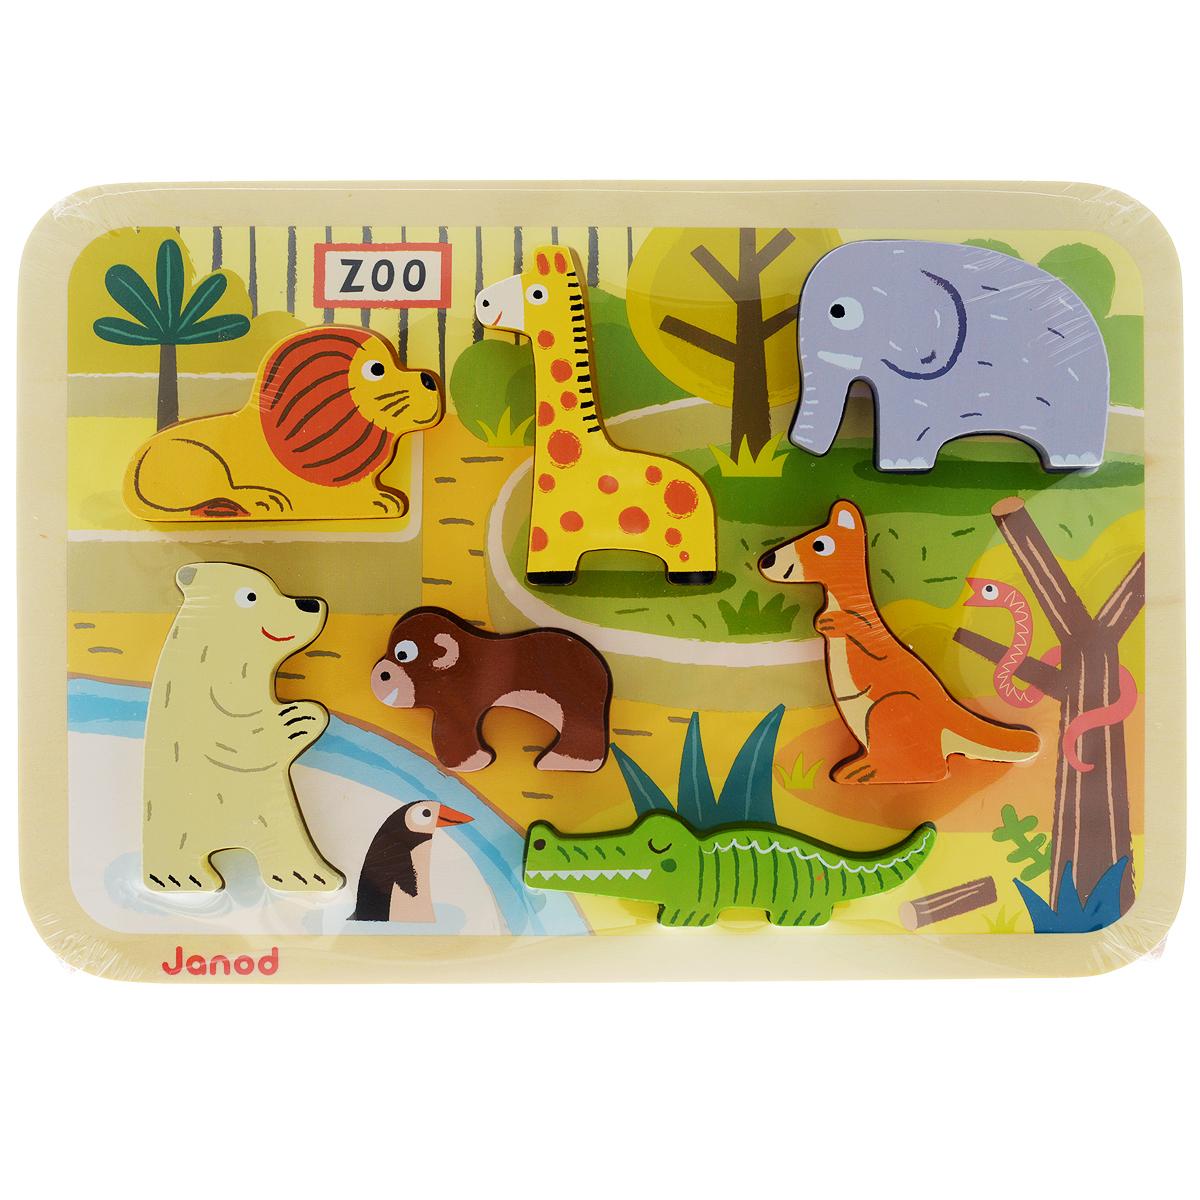 Janod Пазл для малышей Зоопарк 7 элементов